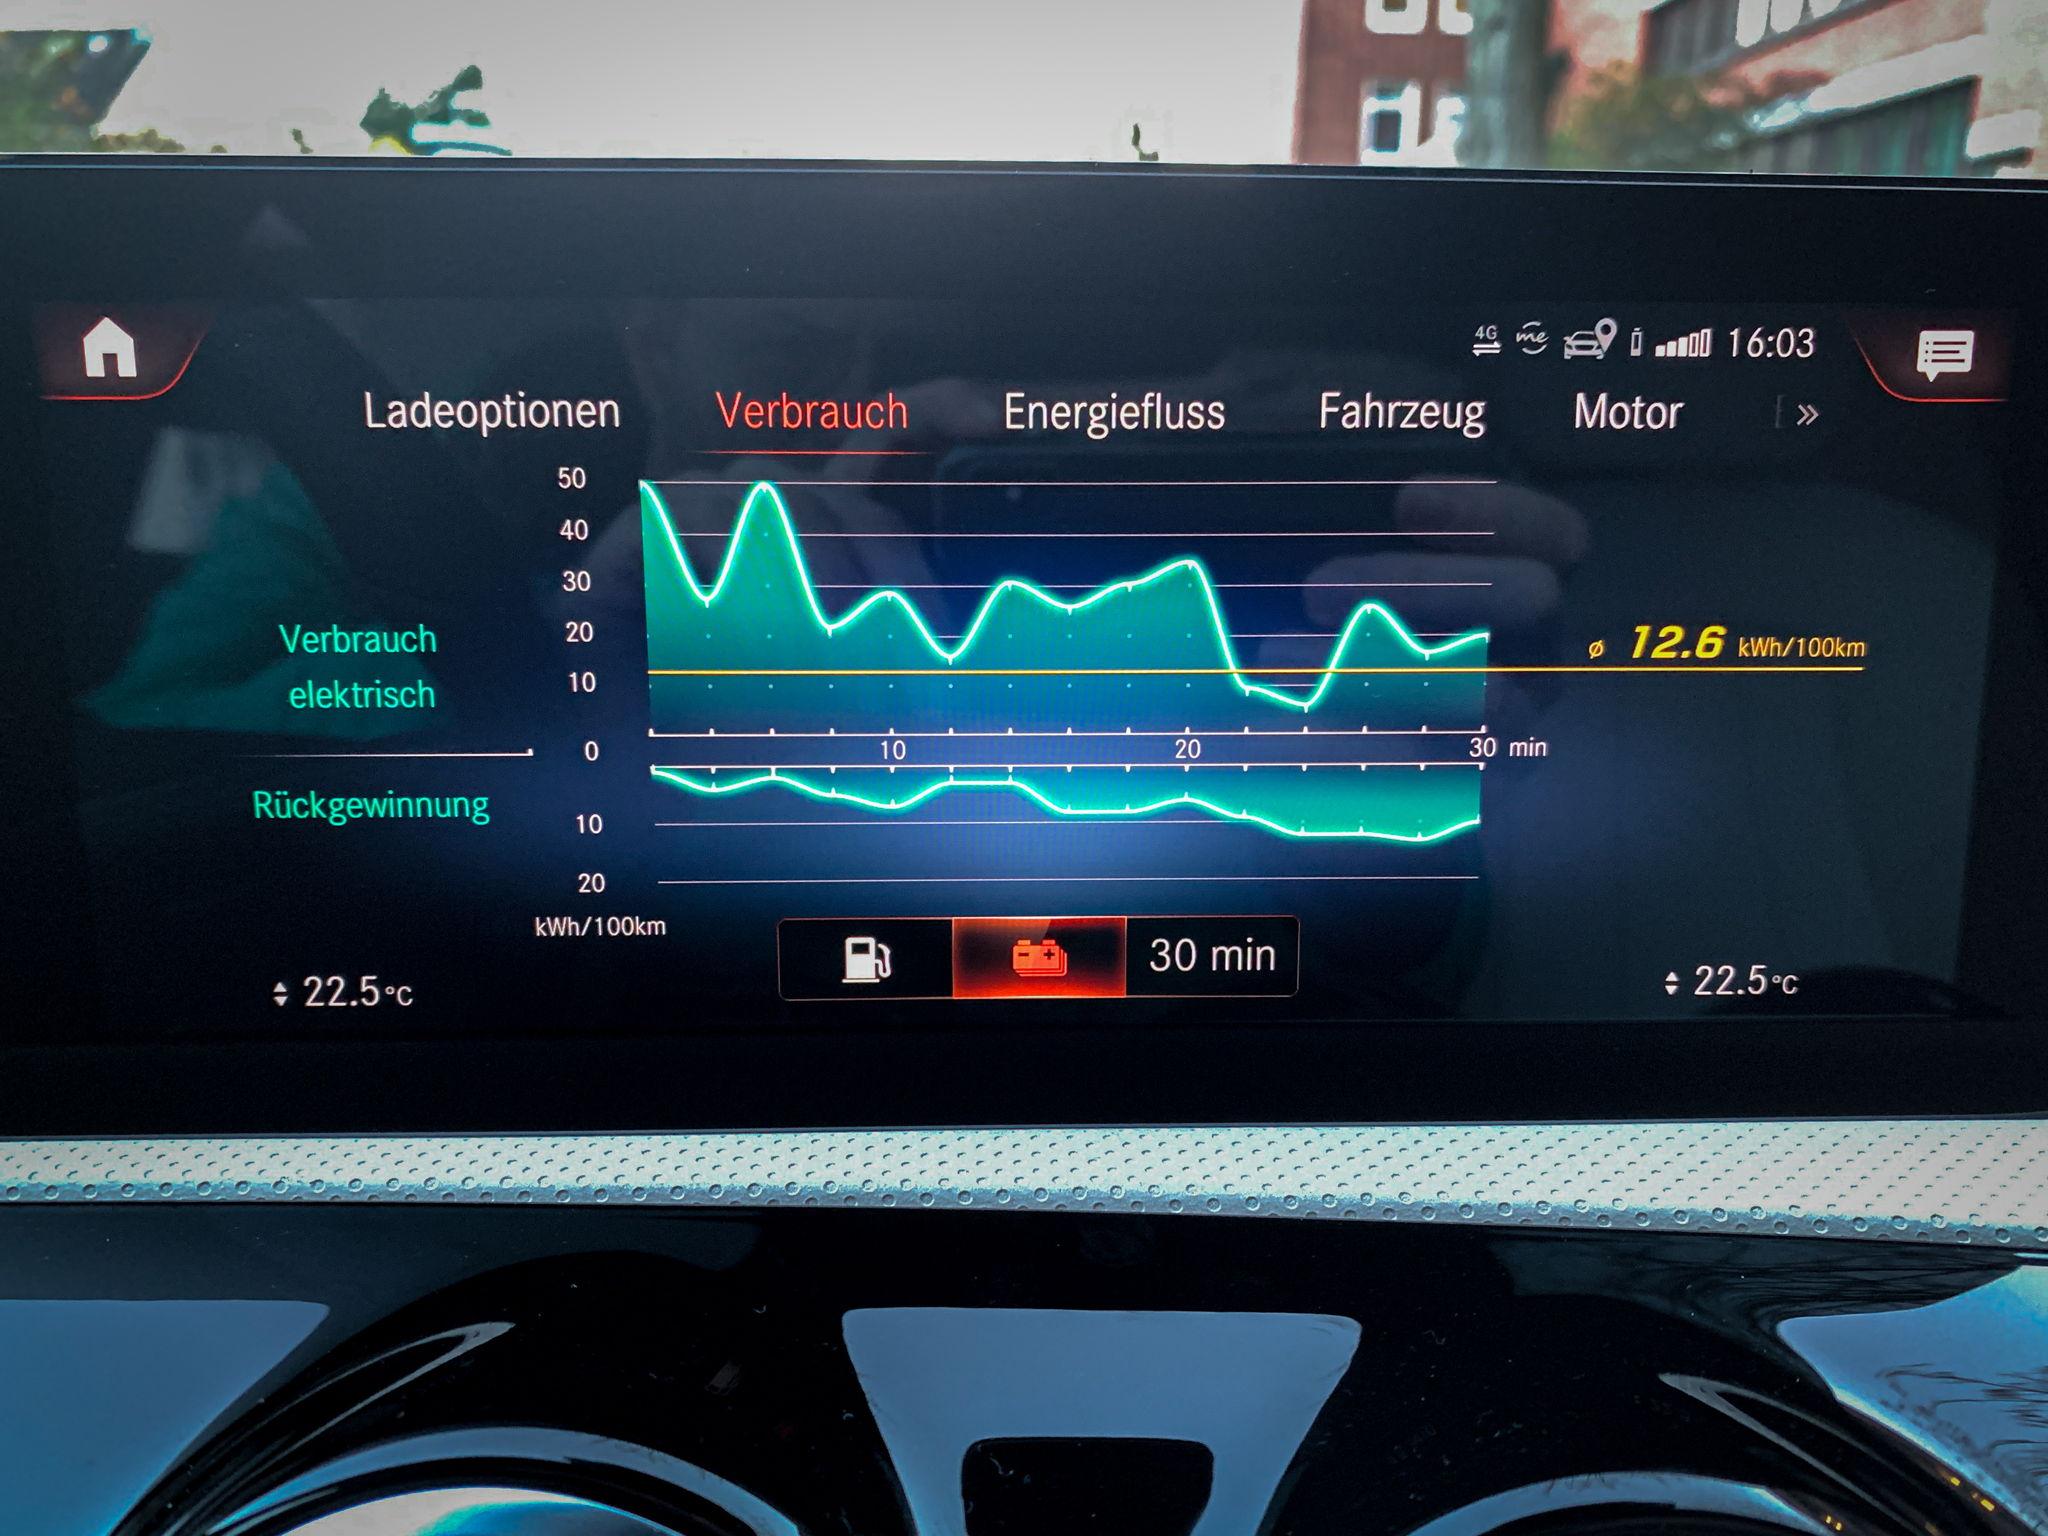 Fahrtest: CLA 250 e Coupé im Alltag und kalten Temperaturen